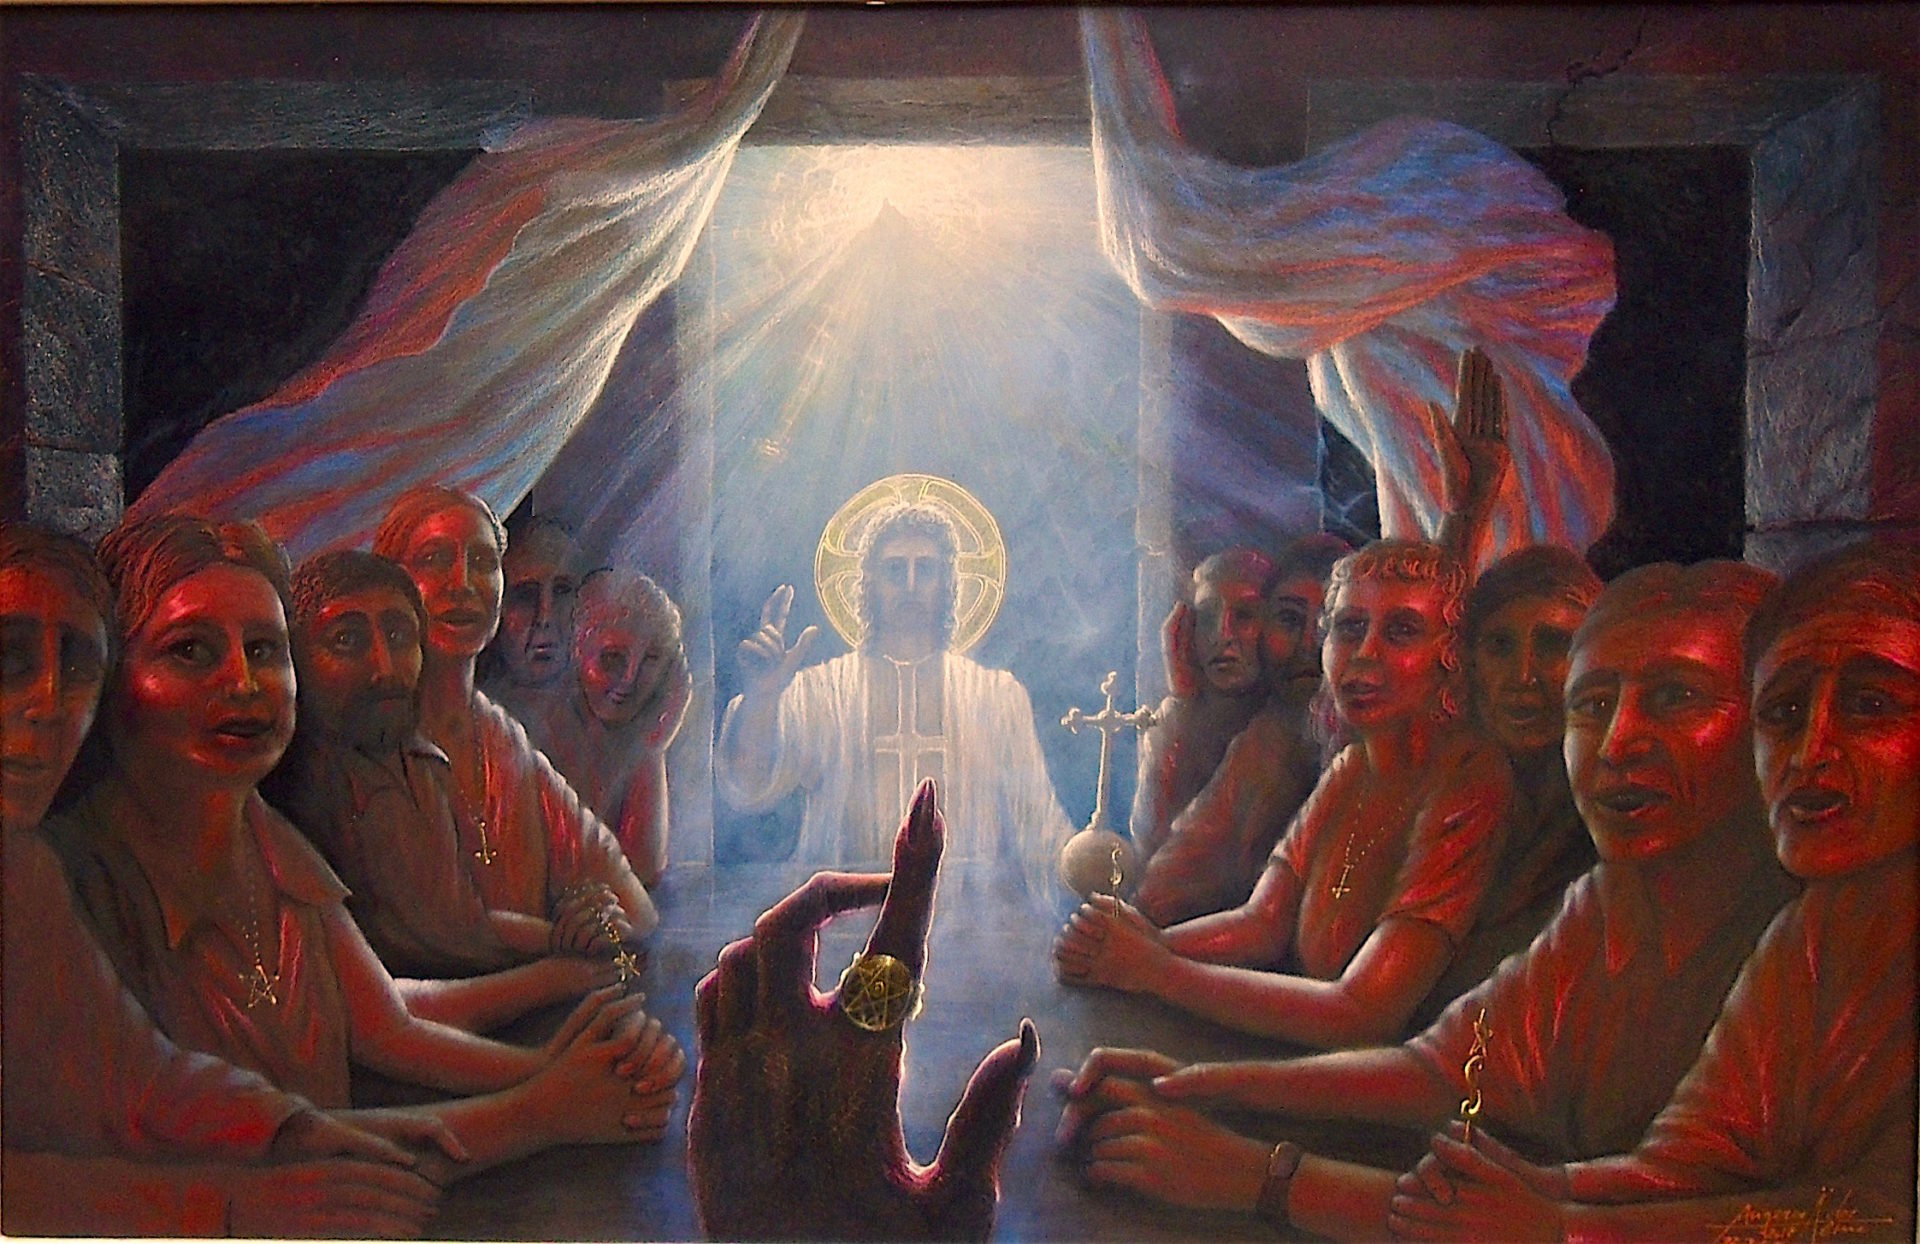 Ankunft des Antichristen - Der Antichrist - Auf Anfrage